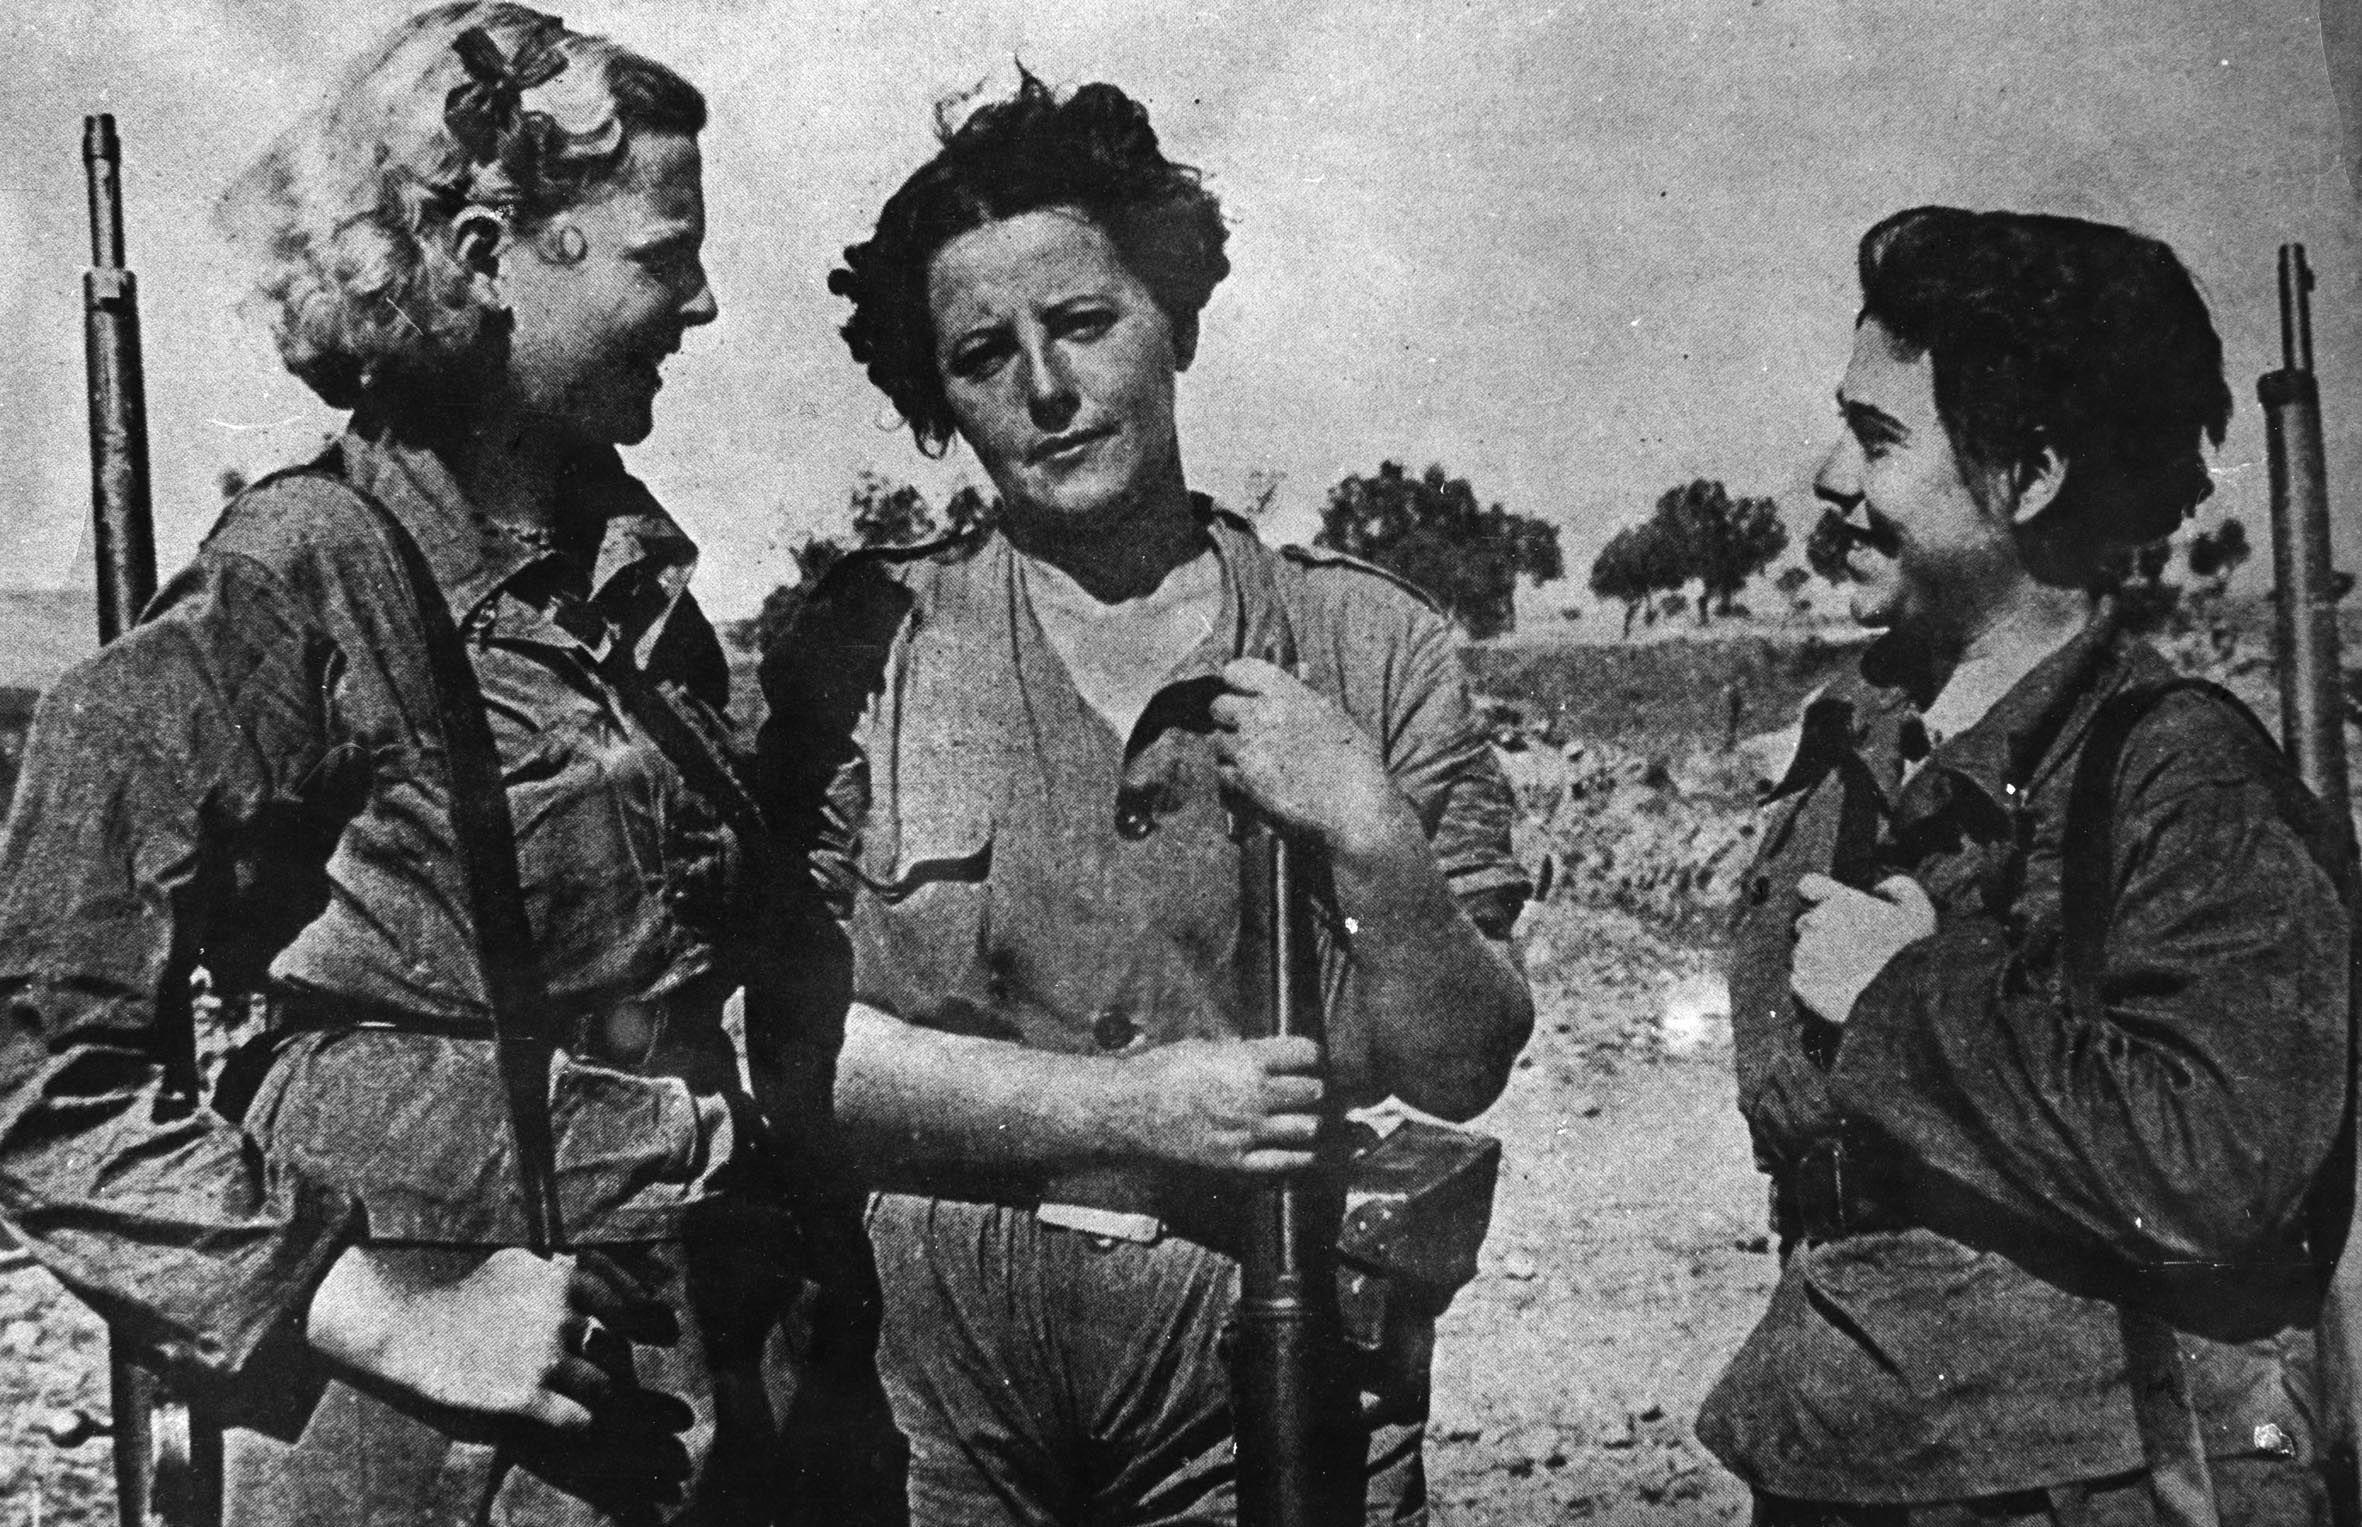 La guerra civil española en imagenes | Civil wars, Spanish and Posts